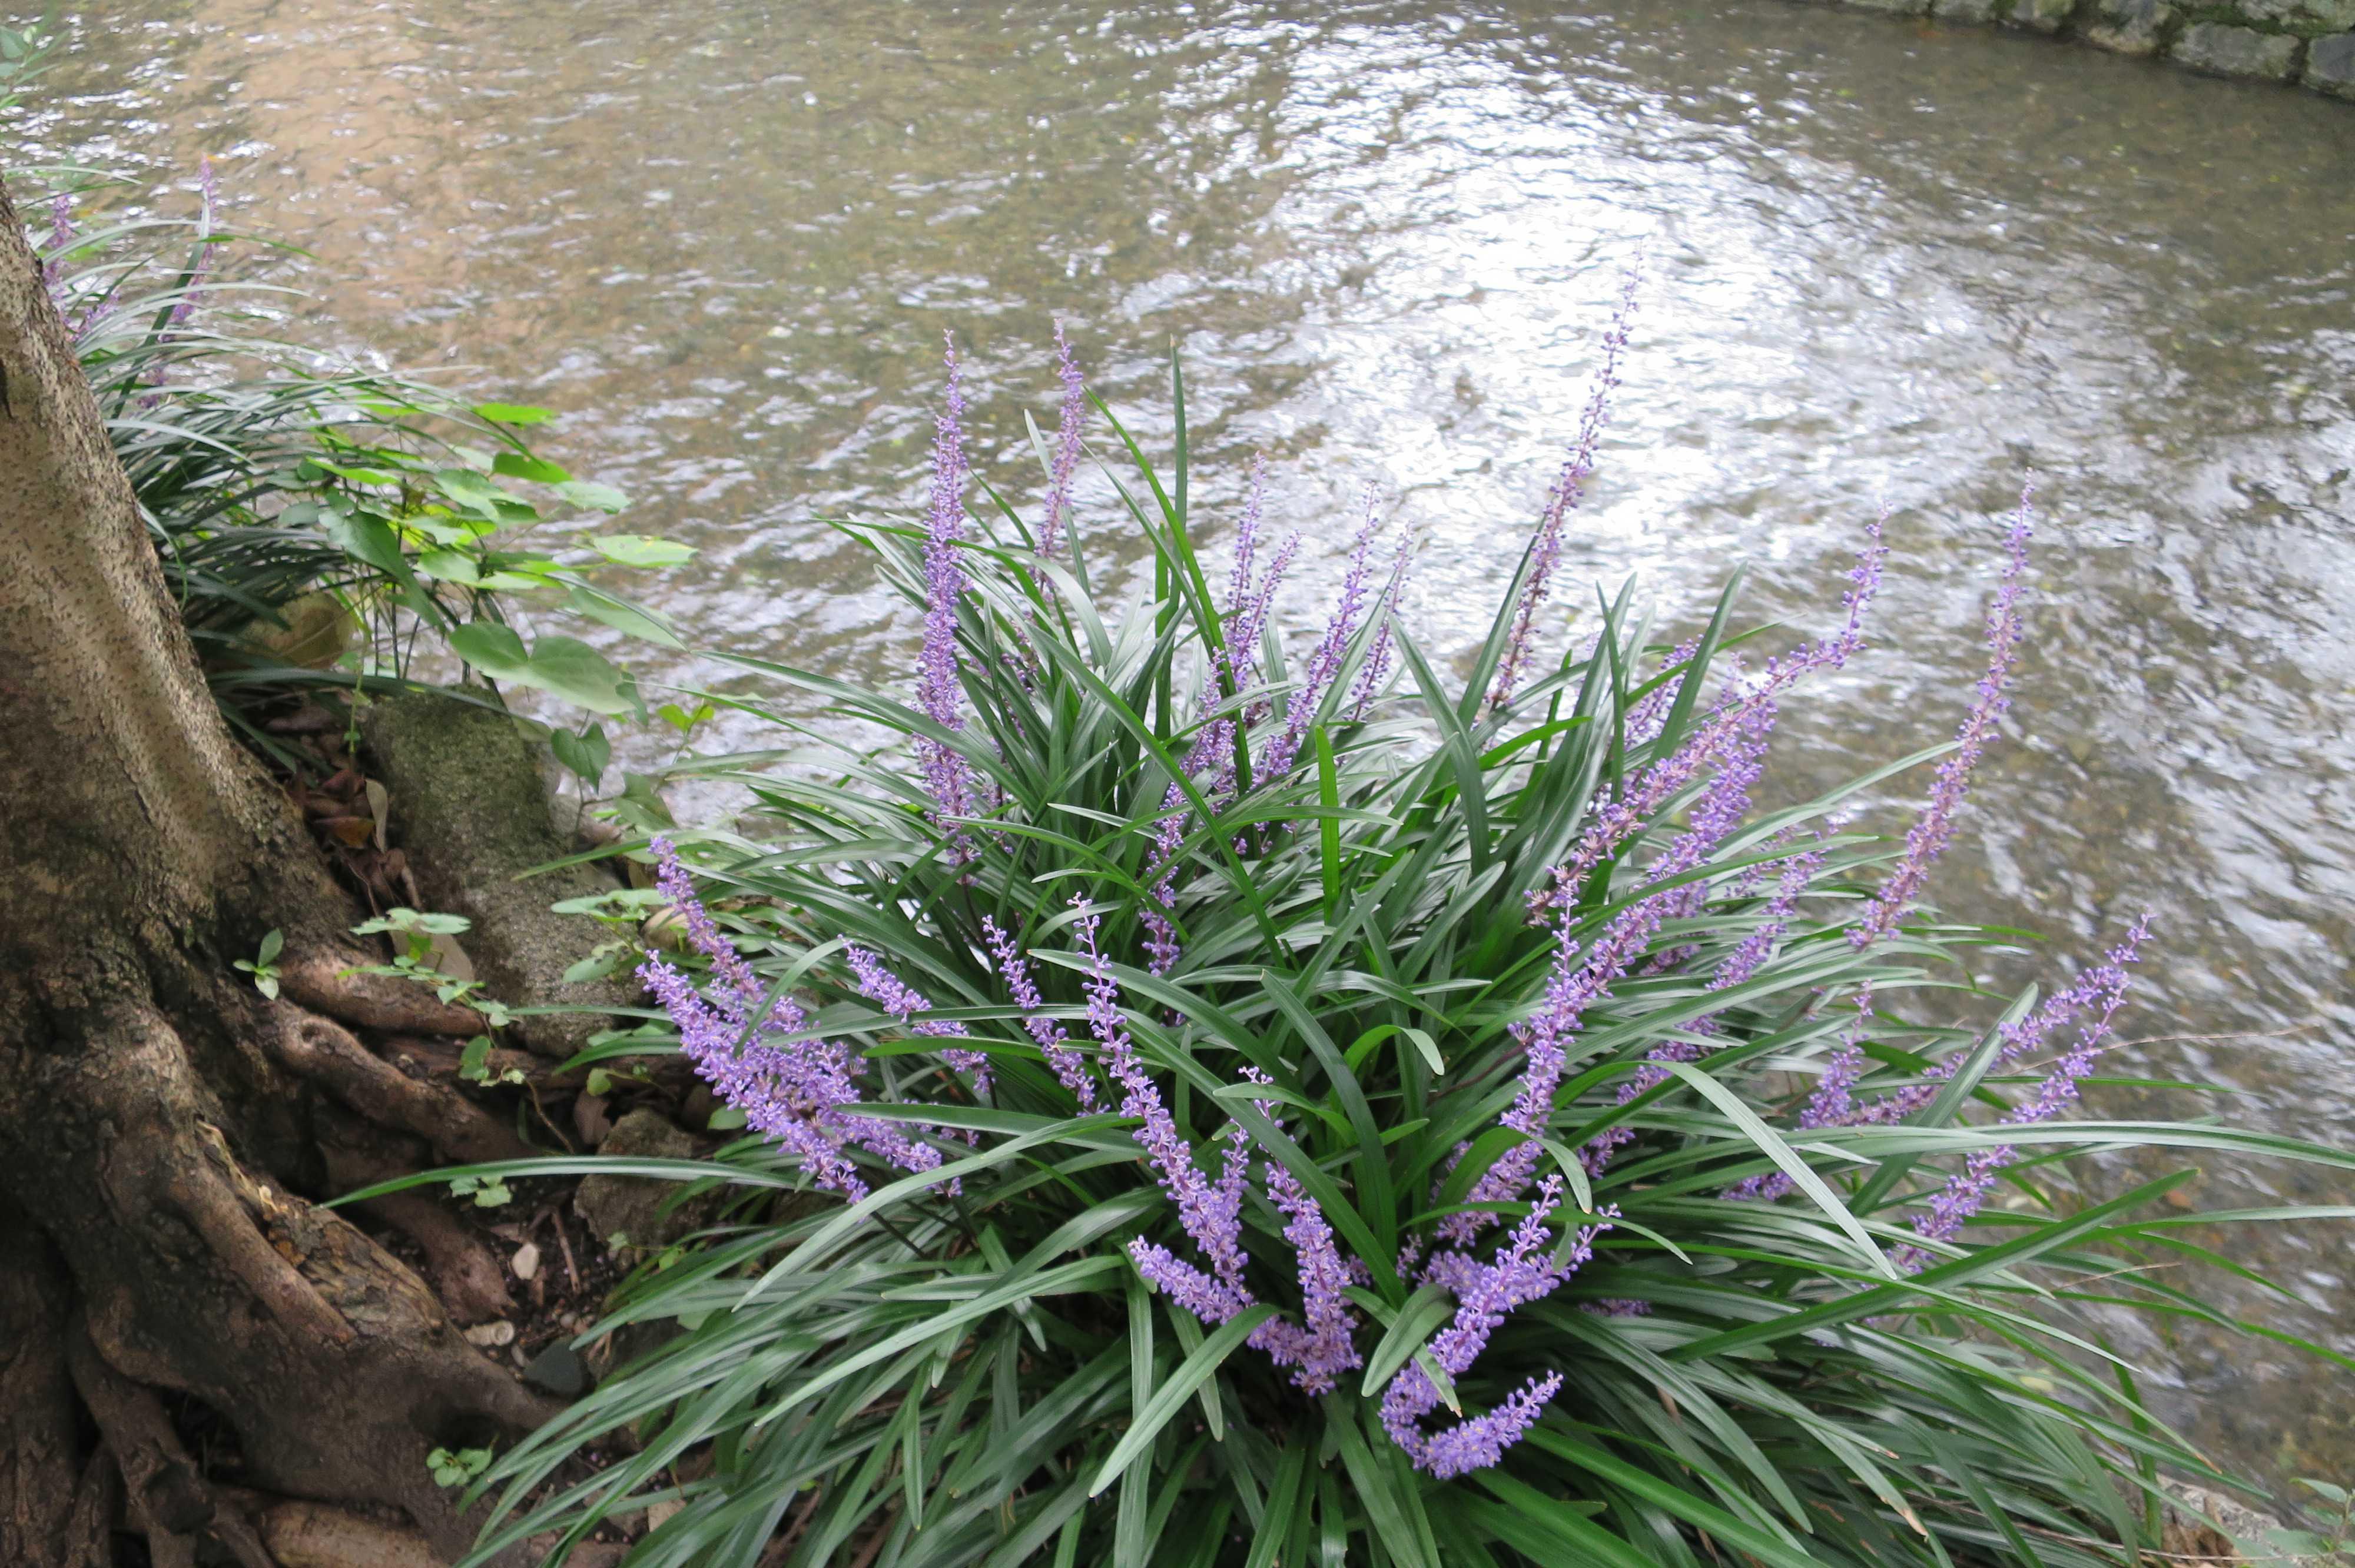 京都・五条楽園 - ヤブラン(薮蘭)と高瀬川